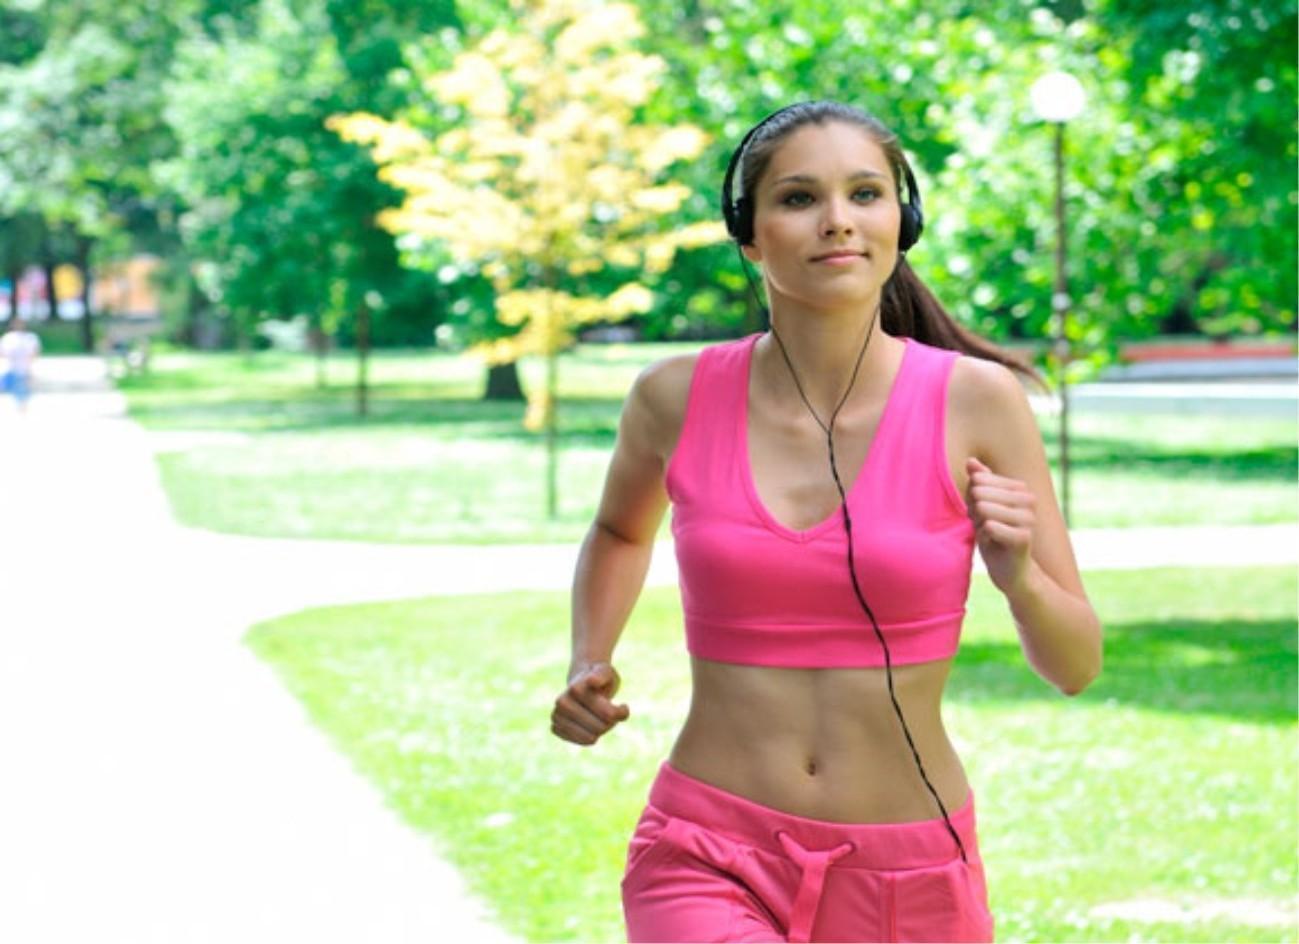 Correr com o Estômago Vazio Emagrece?